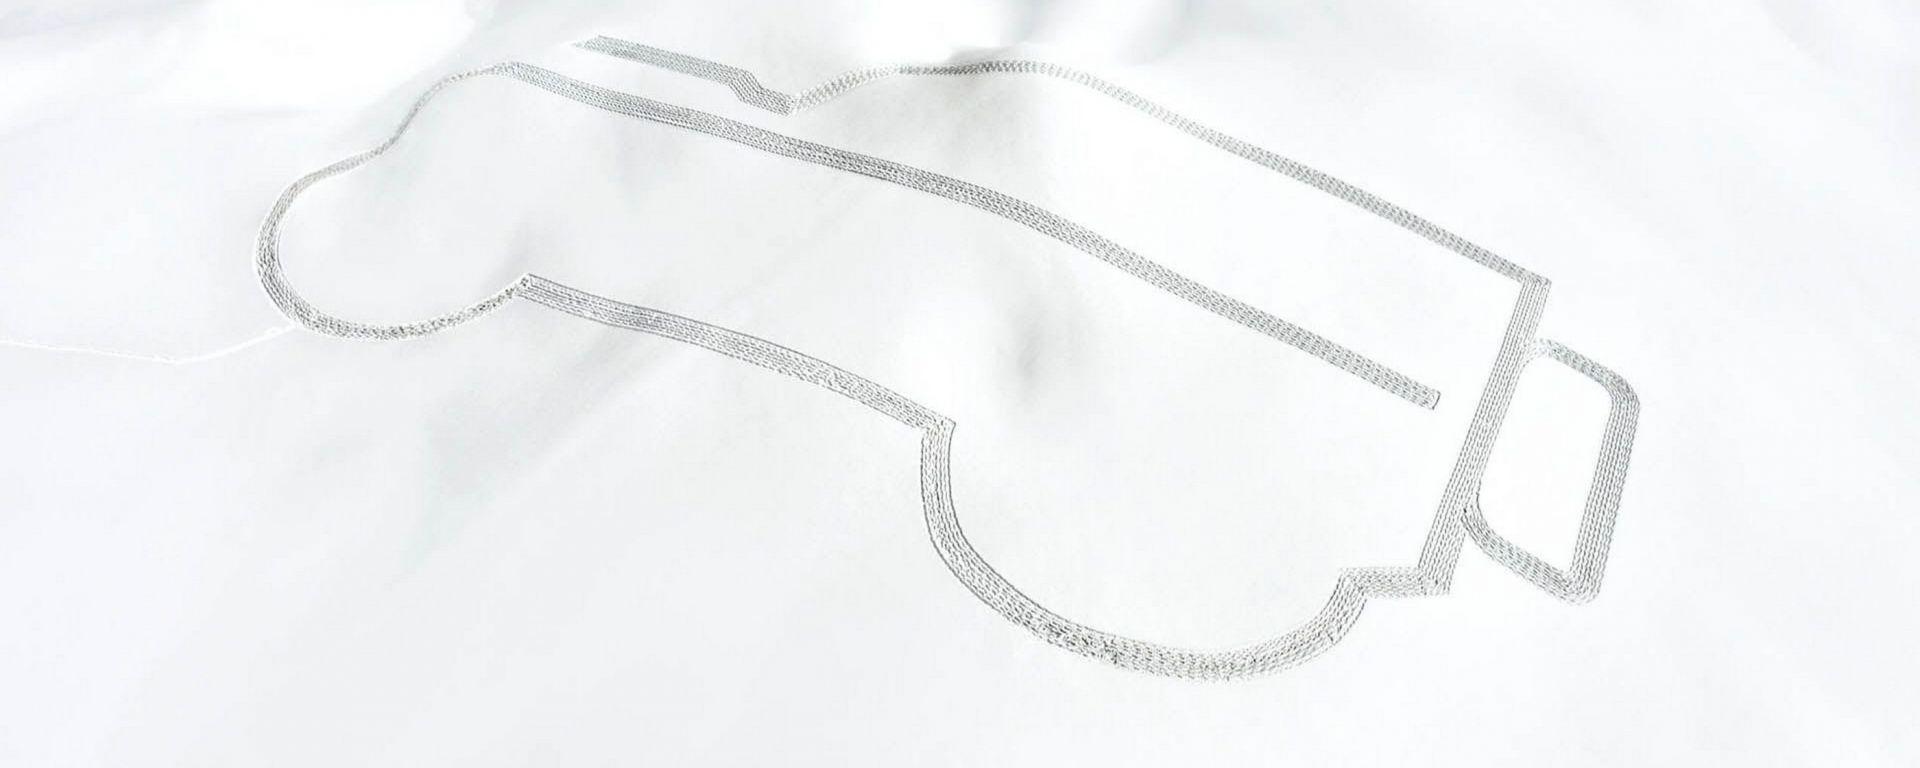 Land Rover Defender Disegnato Sulla Neve In Cima Alle Alpi